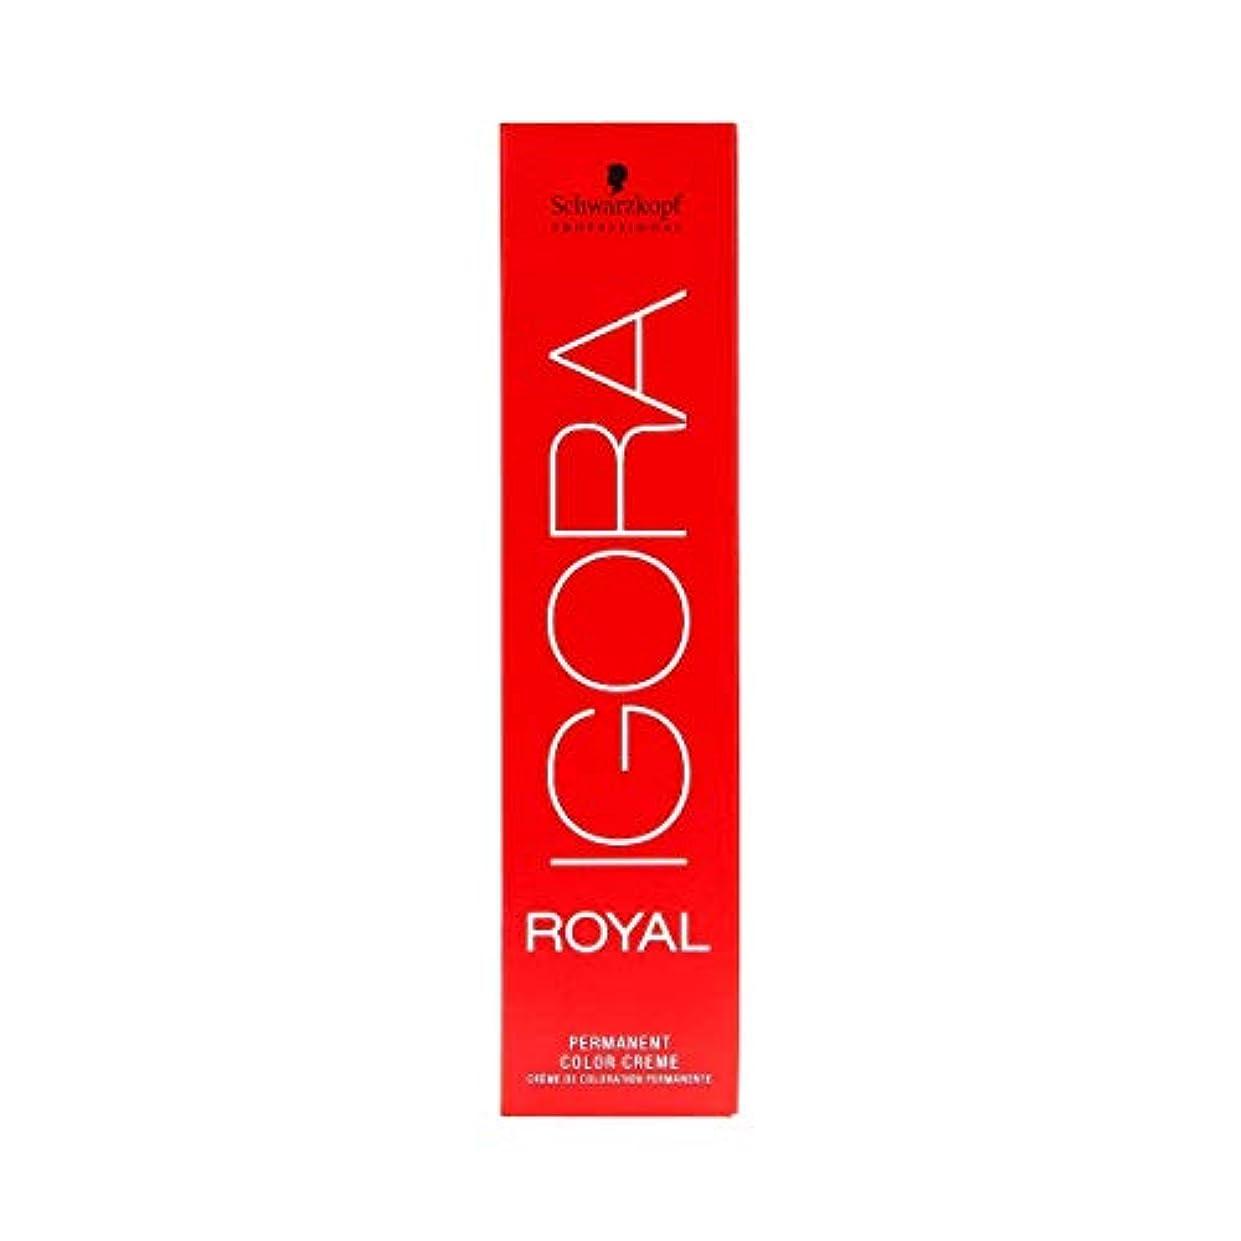 暖かさ味方カラスシュワルツコフ IGORA ロイヤル6-1パーマネントカラークリーム60ml[海外直送品] [並行輸入品]